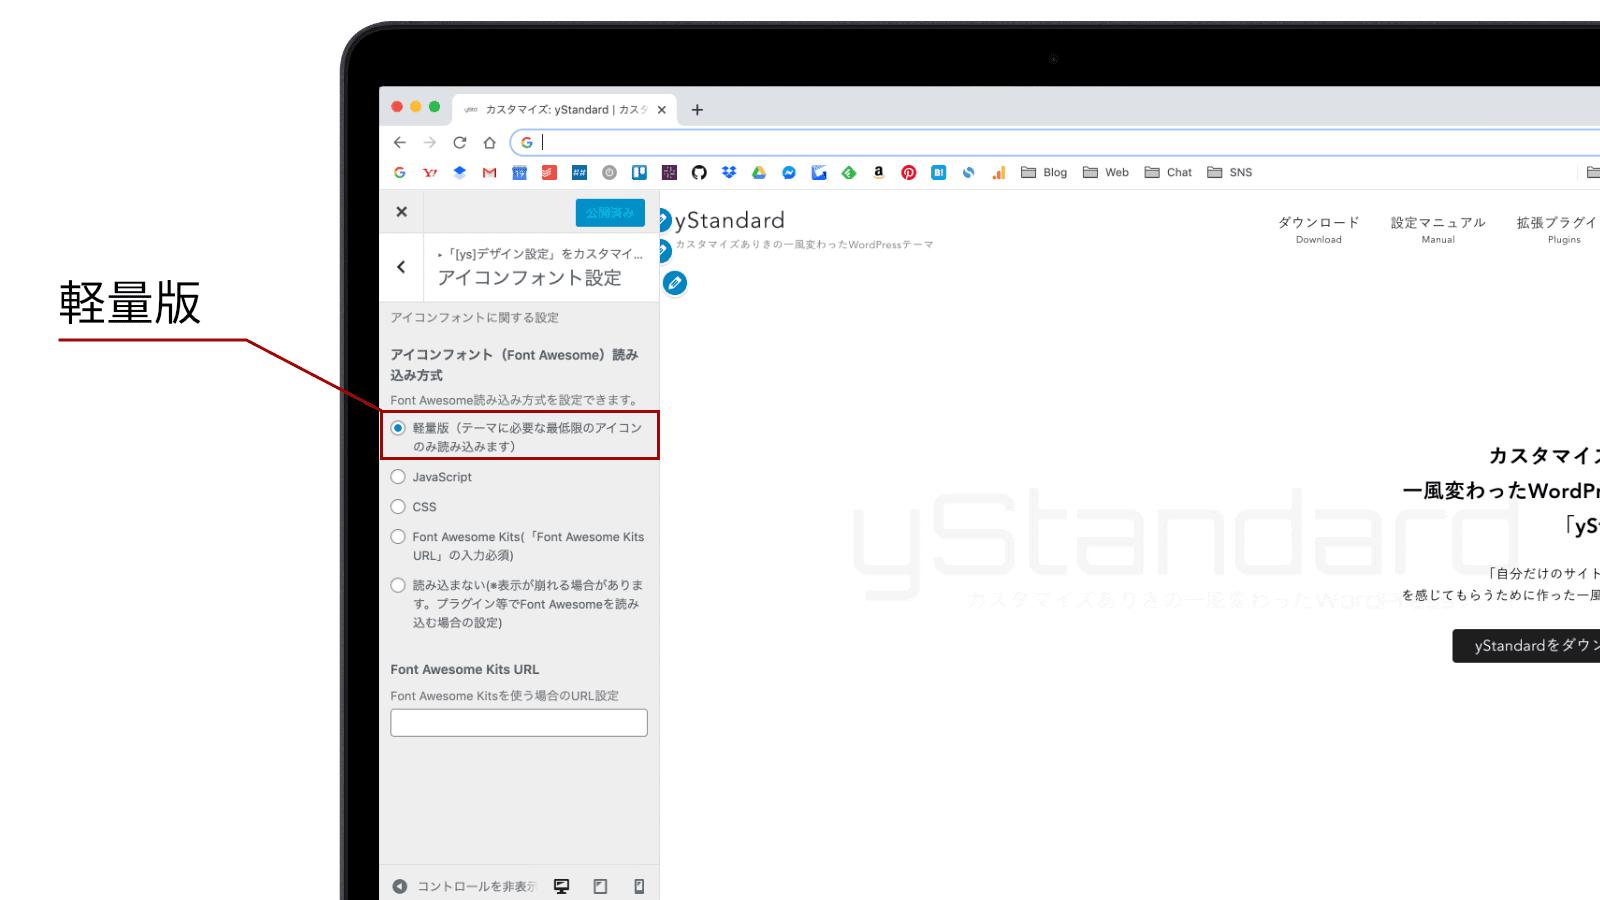 yStandard 高速化の為のアイコンフォント読み込み設定